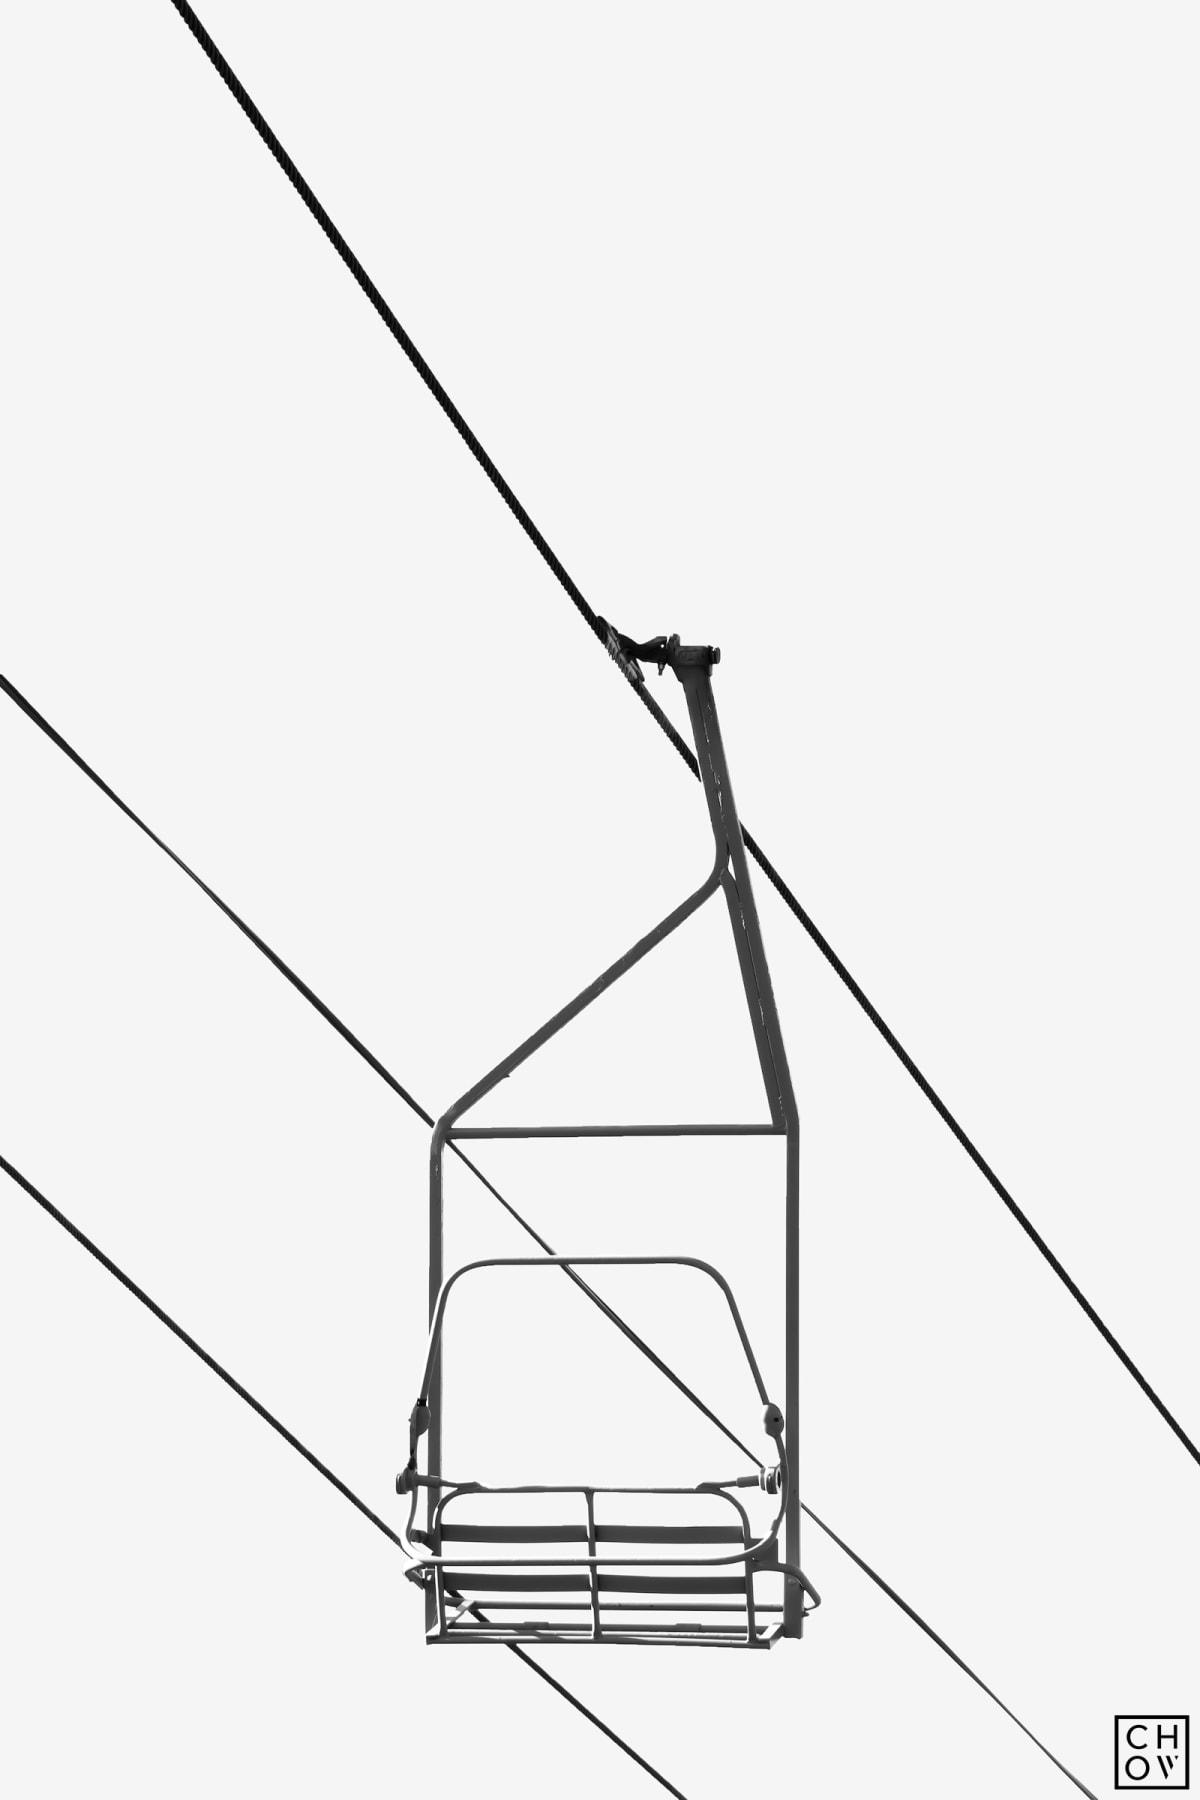 Austin Chow, Last Chair // Beaver Creek, 2019